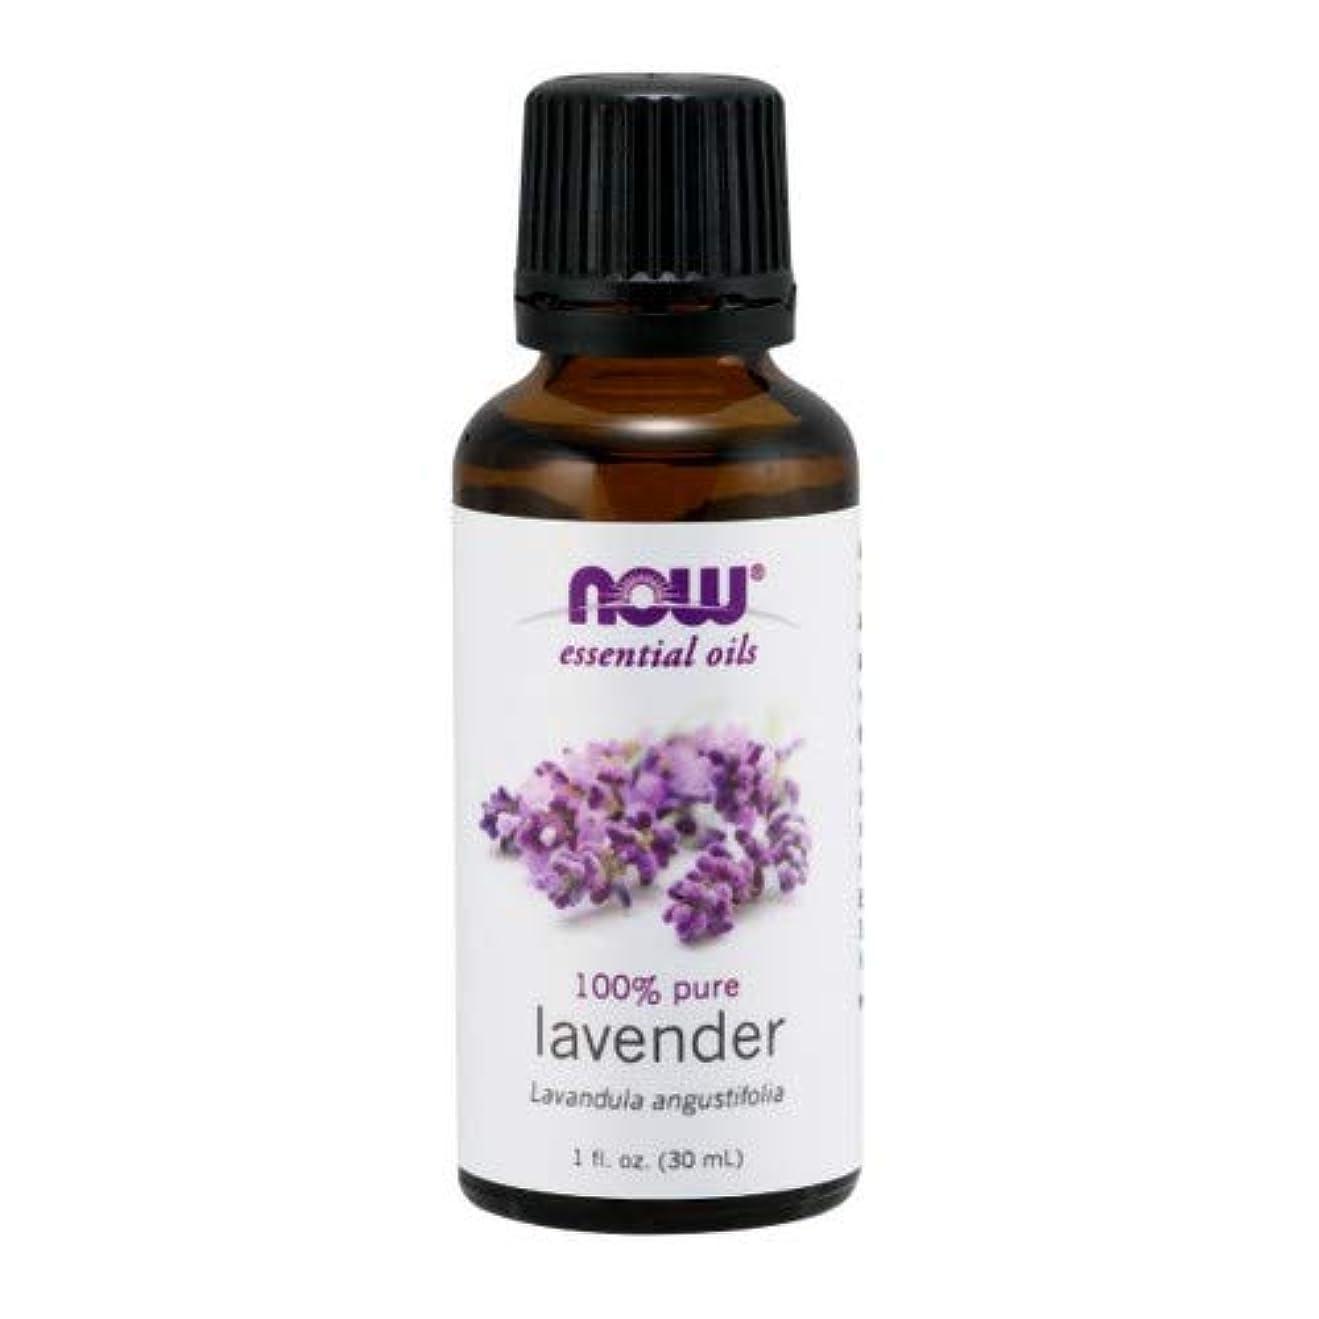 不注意古くなった鼻エッセンシャルオイル ラベンダーオイル 30ml 2個セット ナウフーズ 並行輸入品 NOW Foods Essential Oils Lavender 1 oz Pack of 2